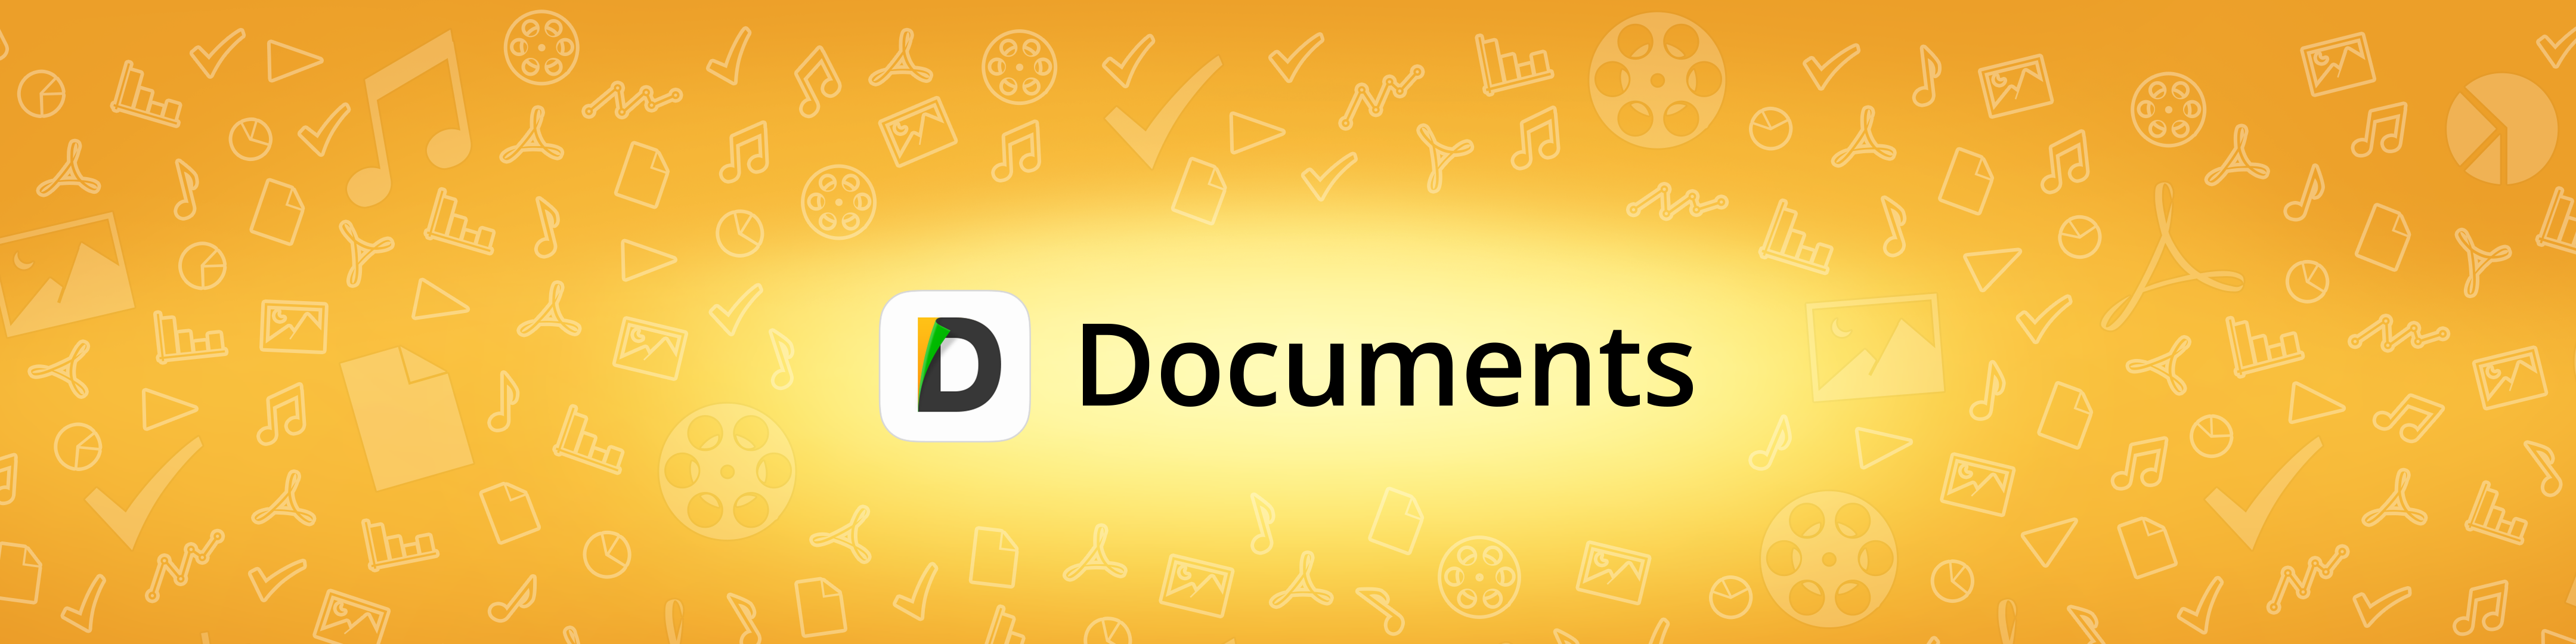 Documents by Readdle - Revenue & Download estimates - Apple